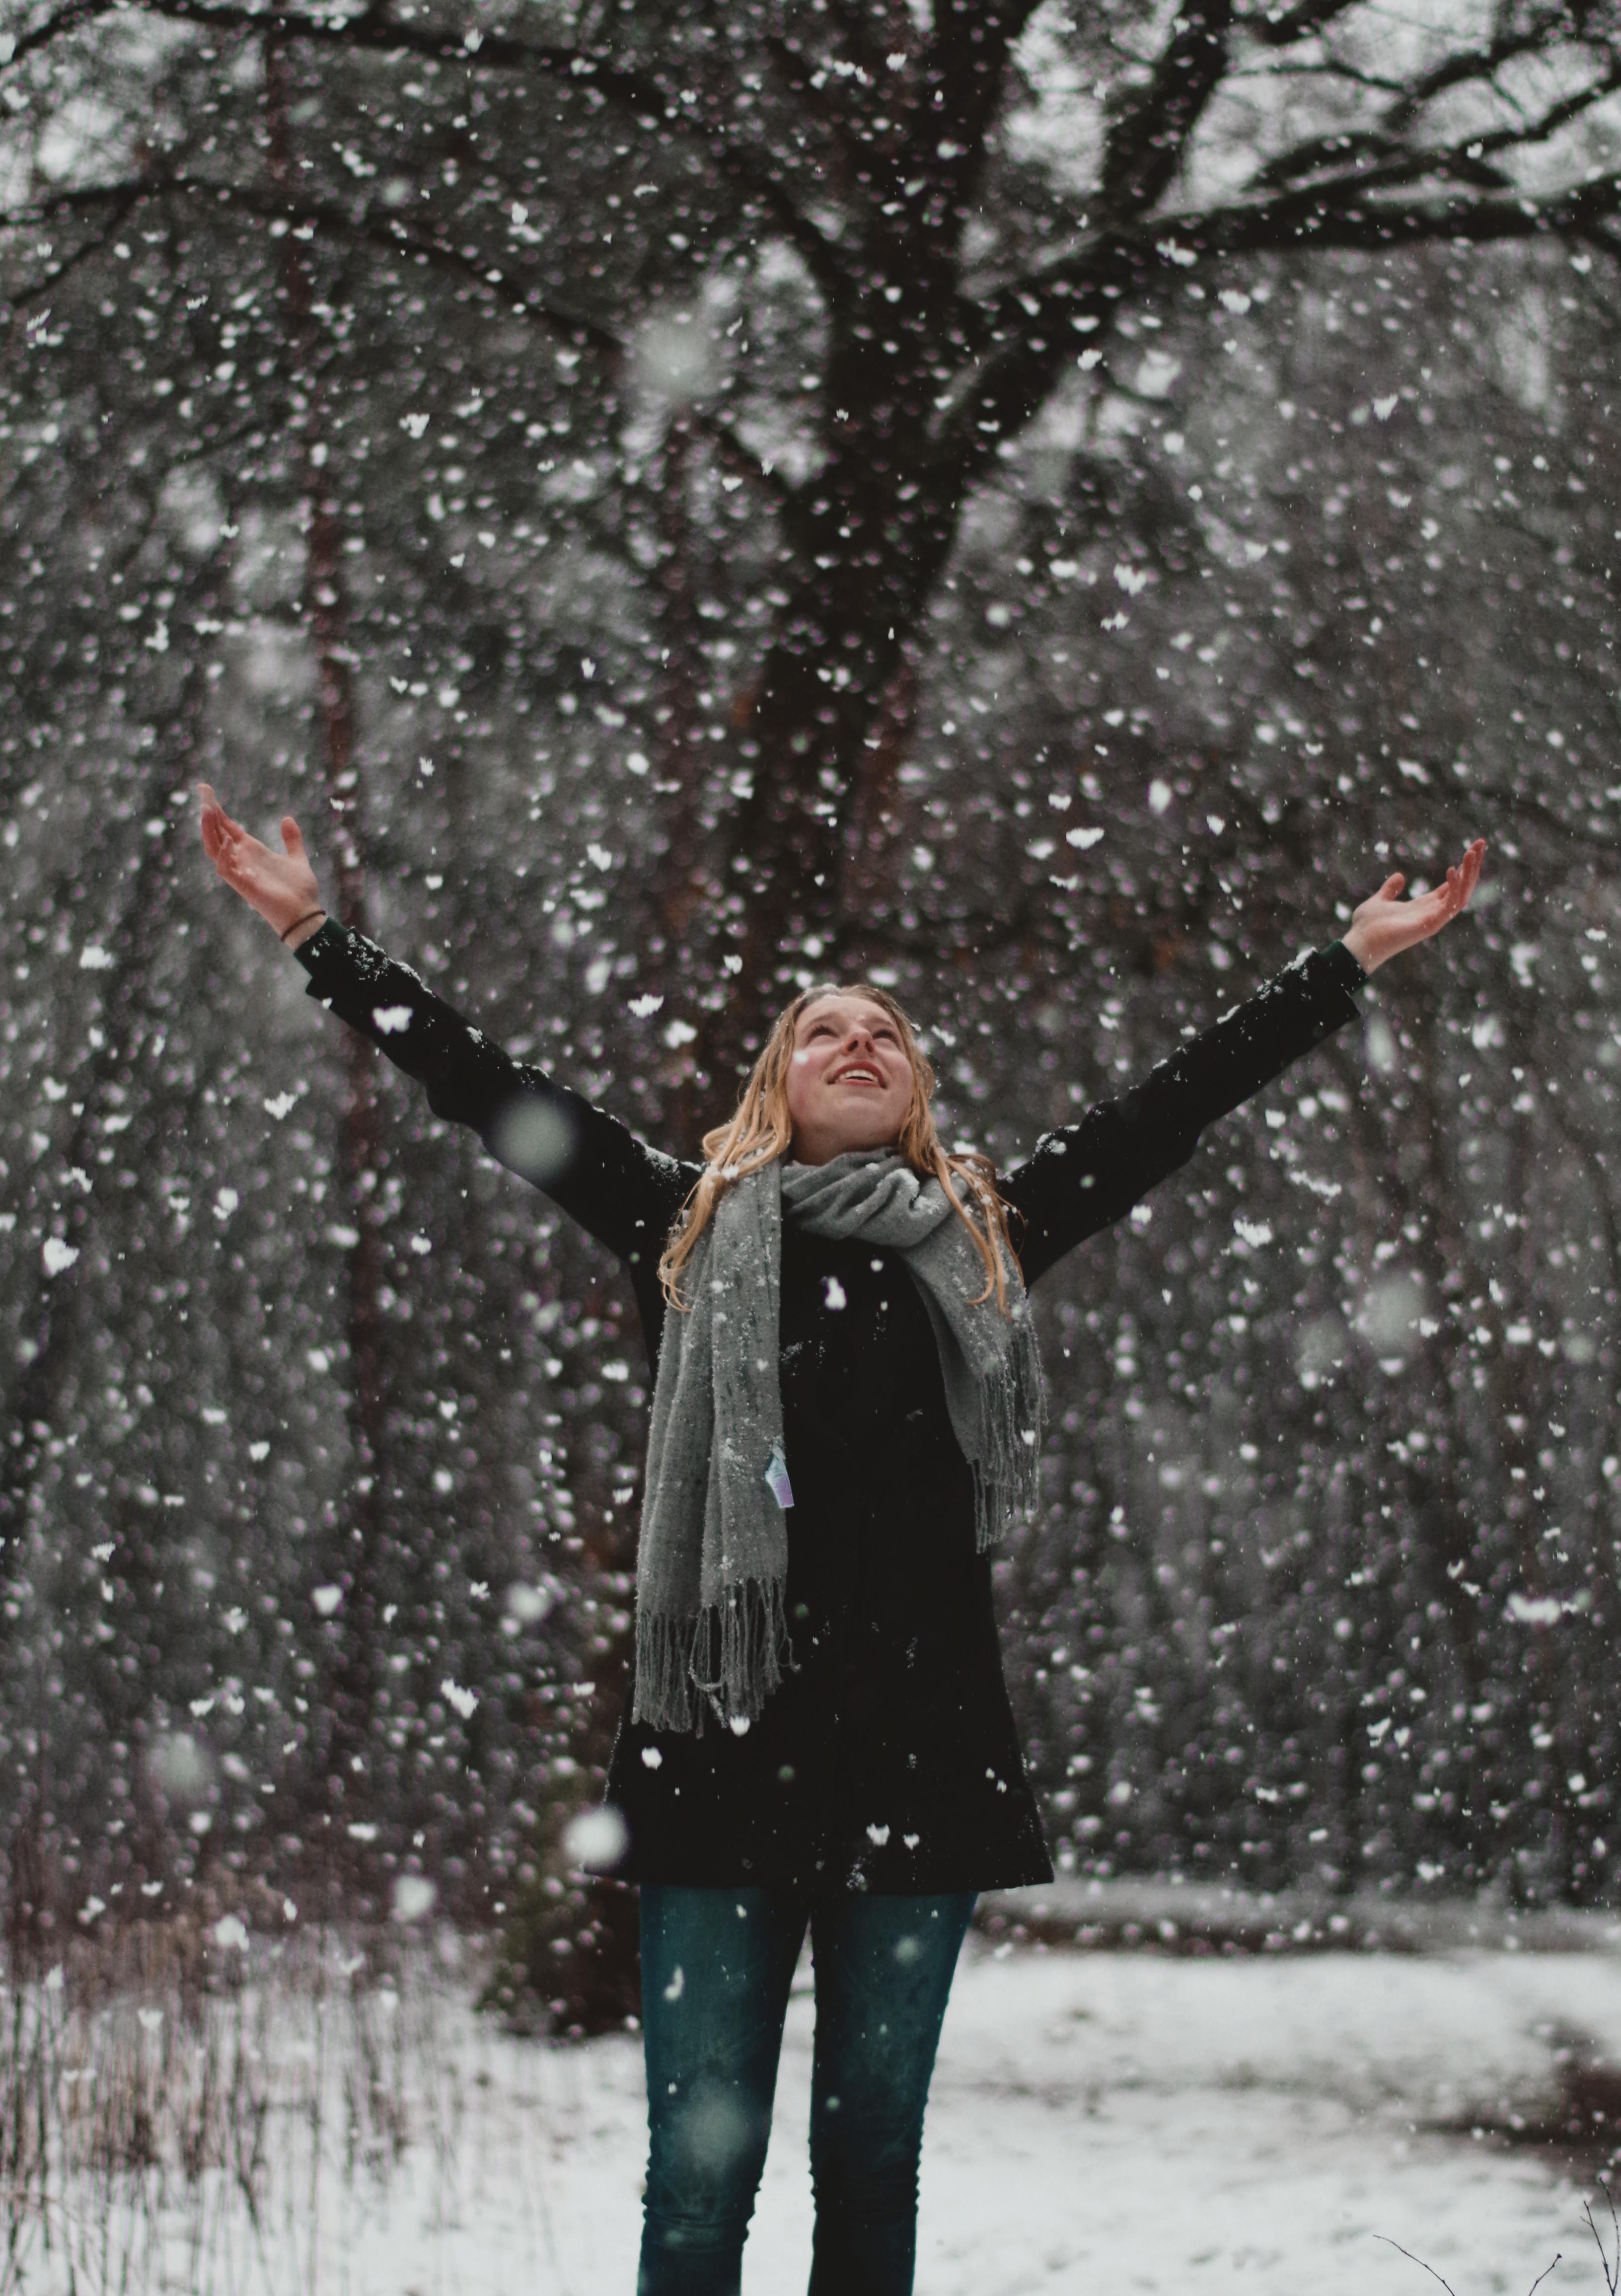 foto's in de sneeuw maken